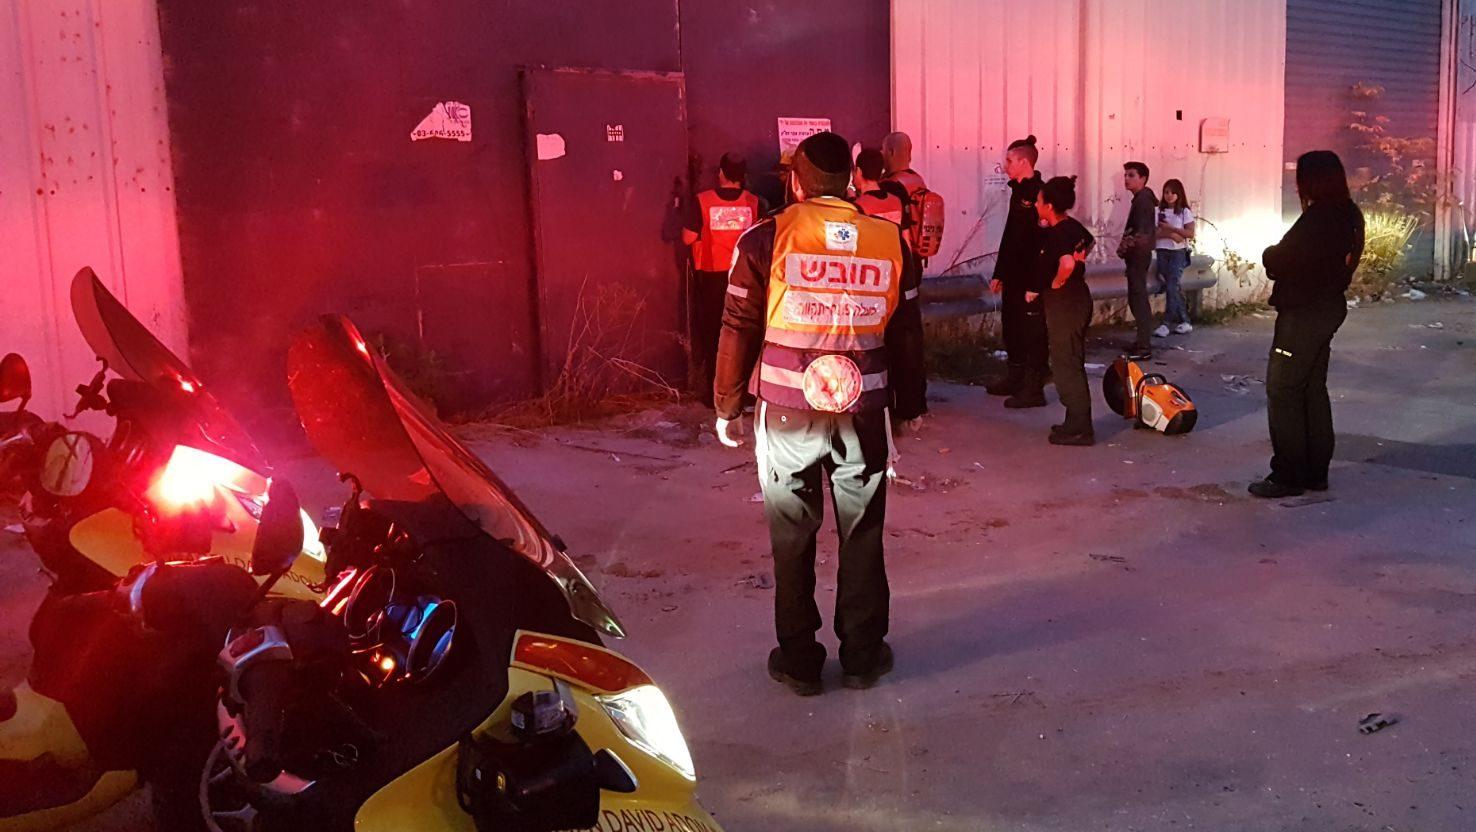 בן 12 נפצע באורח קשה לאחר שנפל מגג מבנה